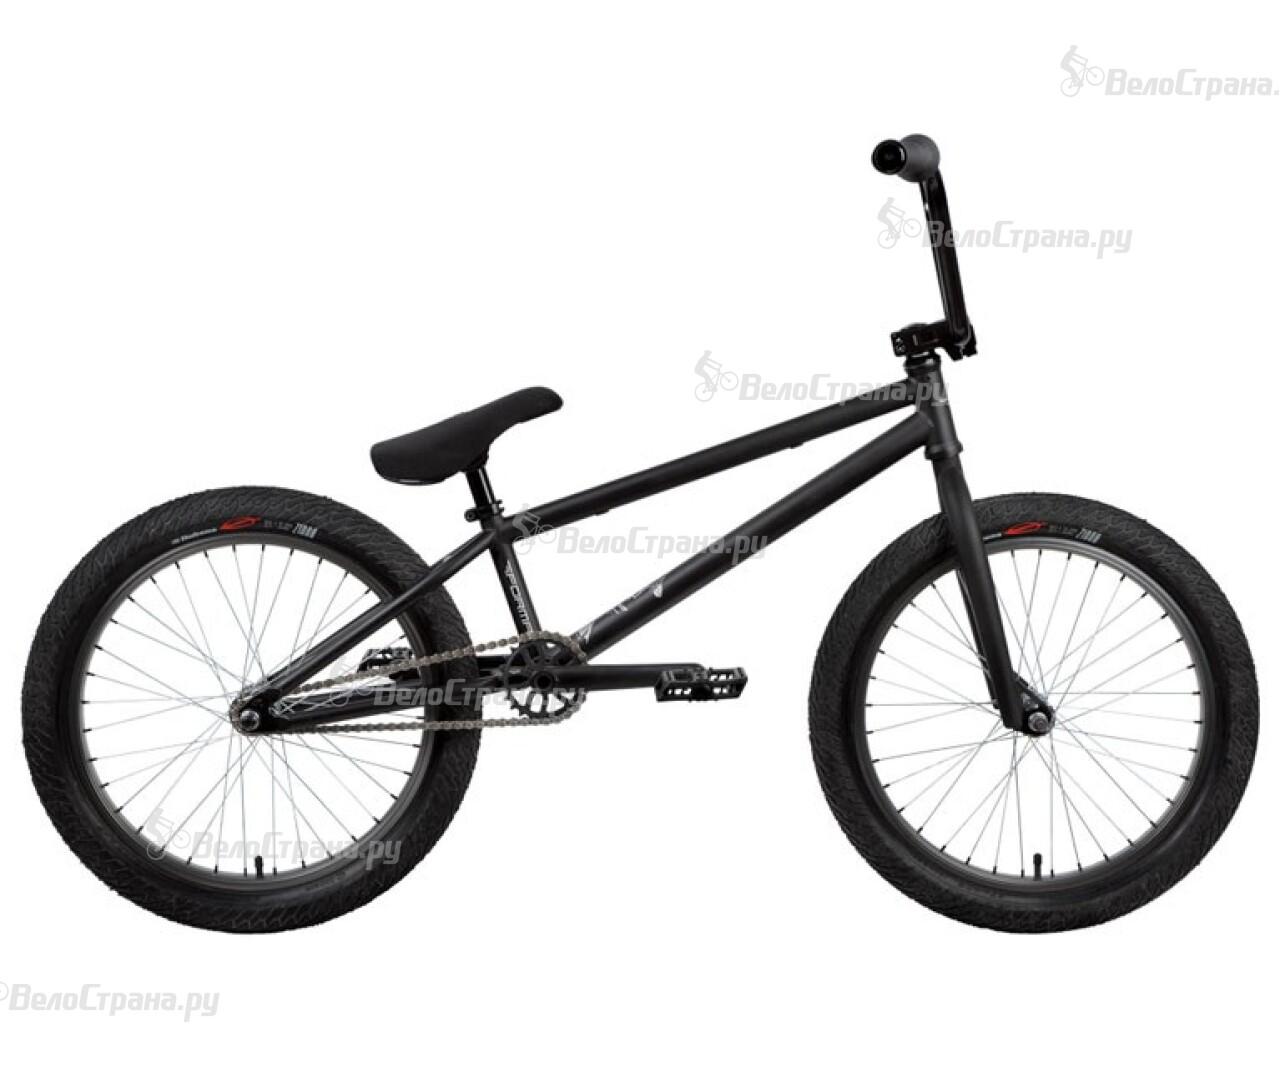 Велосипед Format 3212 (2014) велосипед format 3213 2014